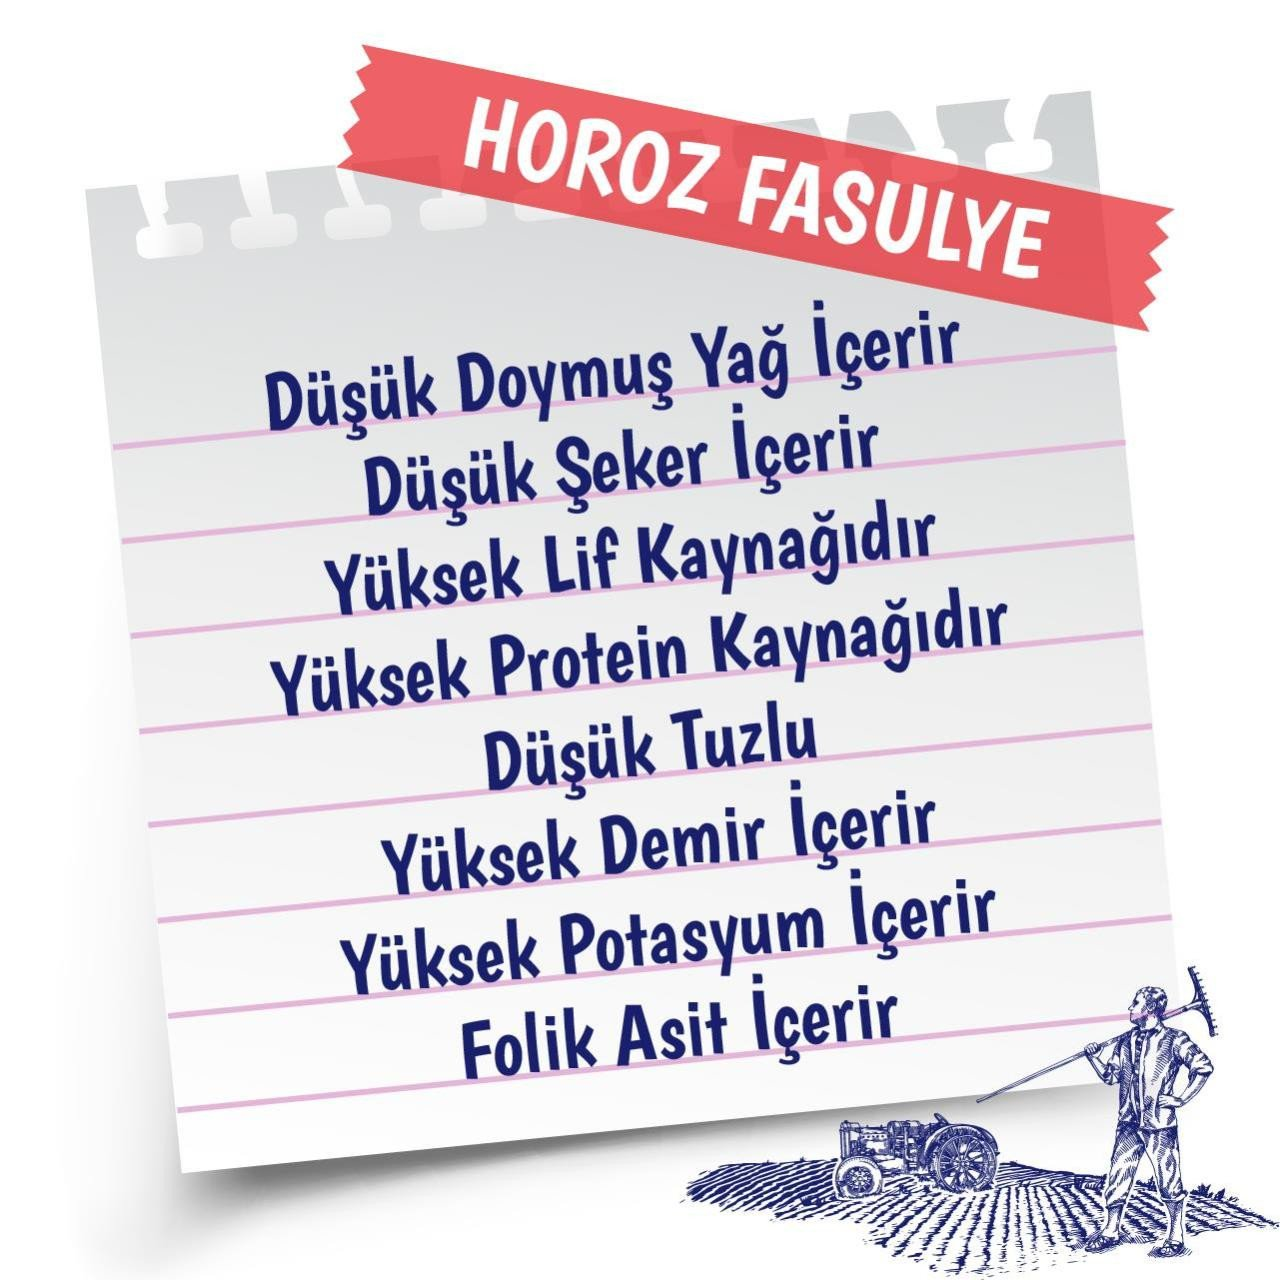 Yayla Horoz Fasulye 1 Kg